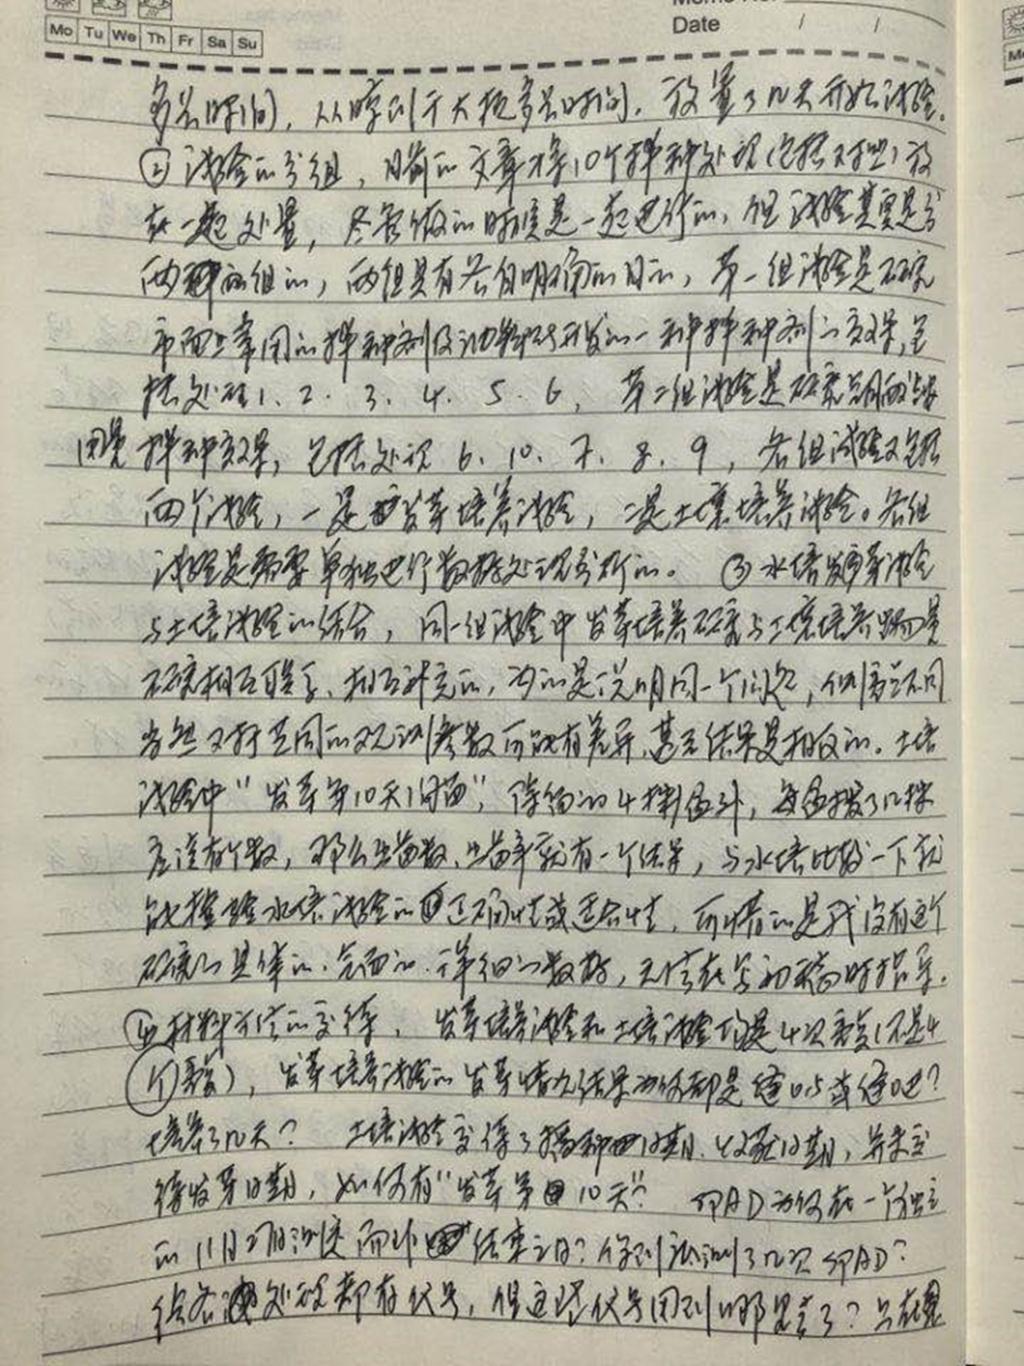 鲁剑巍老师手写的修改意见